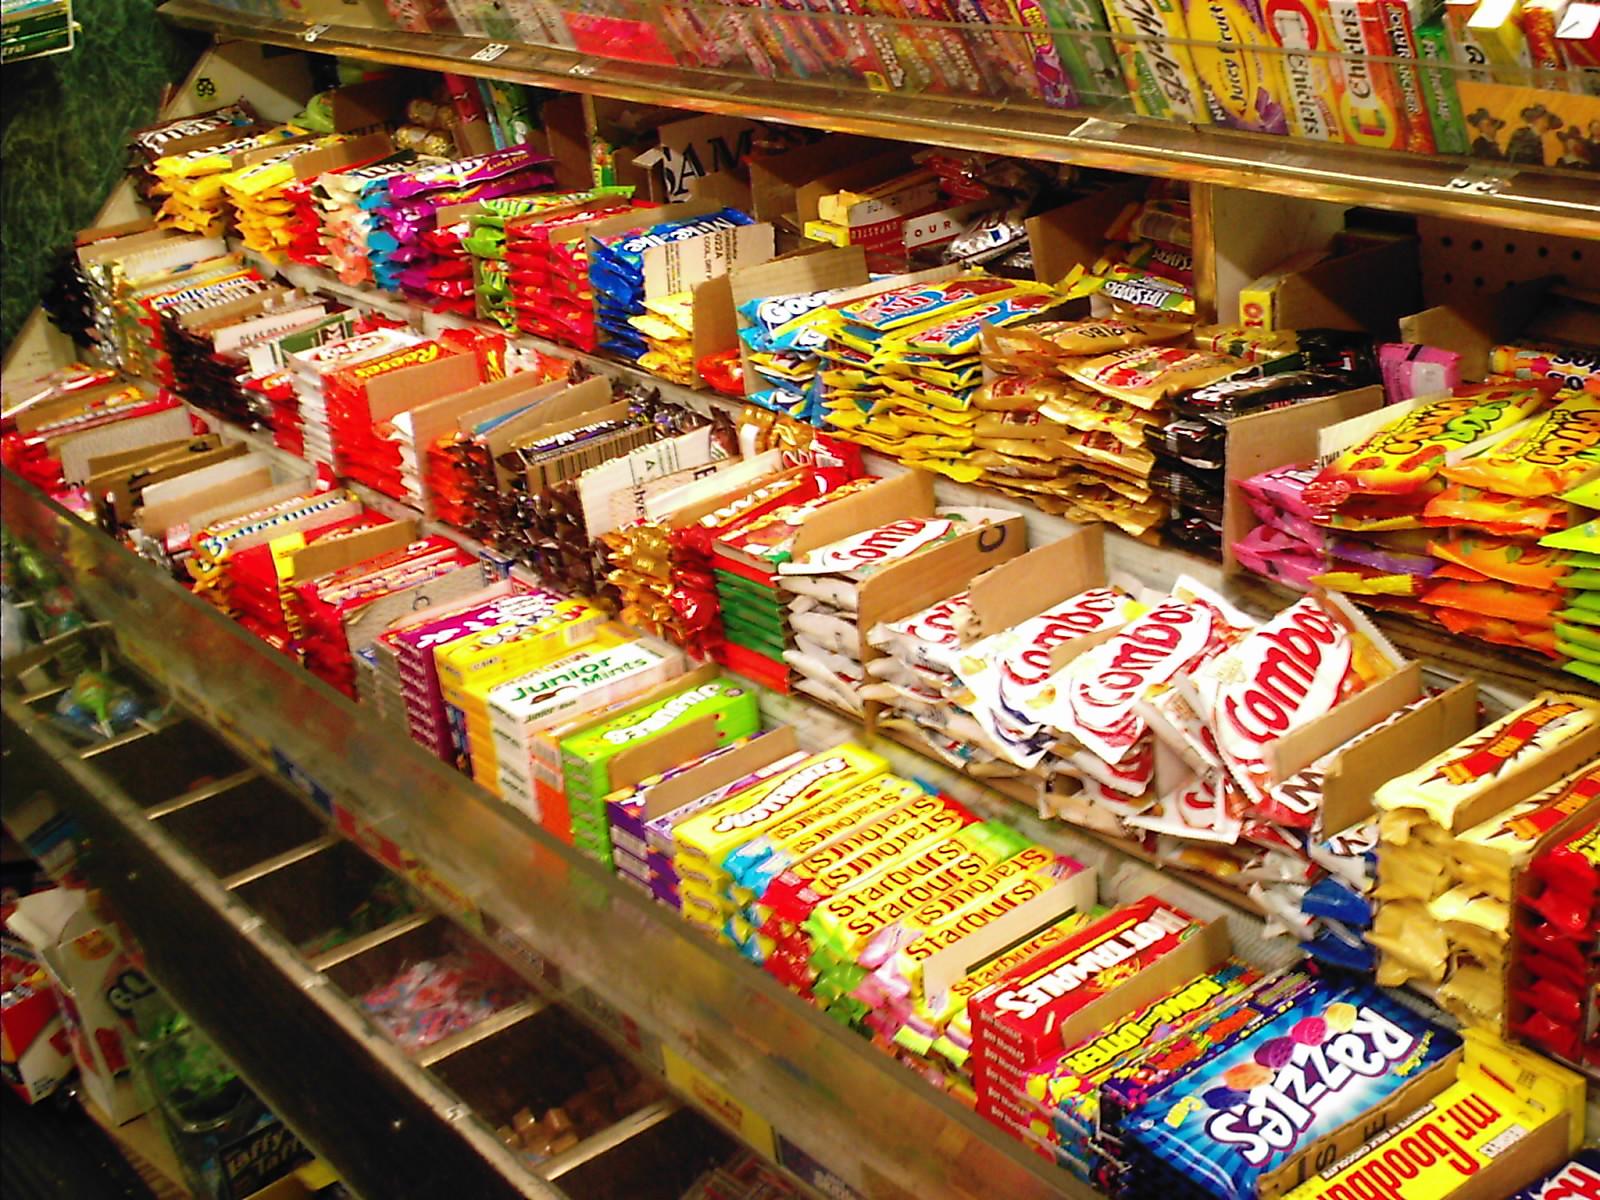 http://1.bp.blogspot.com/-gD20iXW7iiM/TWVUAcivP2I/AAAAAAAAAHY/tS3uzlV1JLg/s1600/Assorted_snacks.jpg